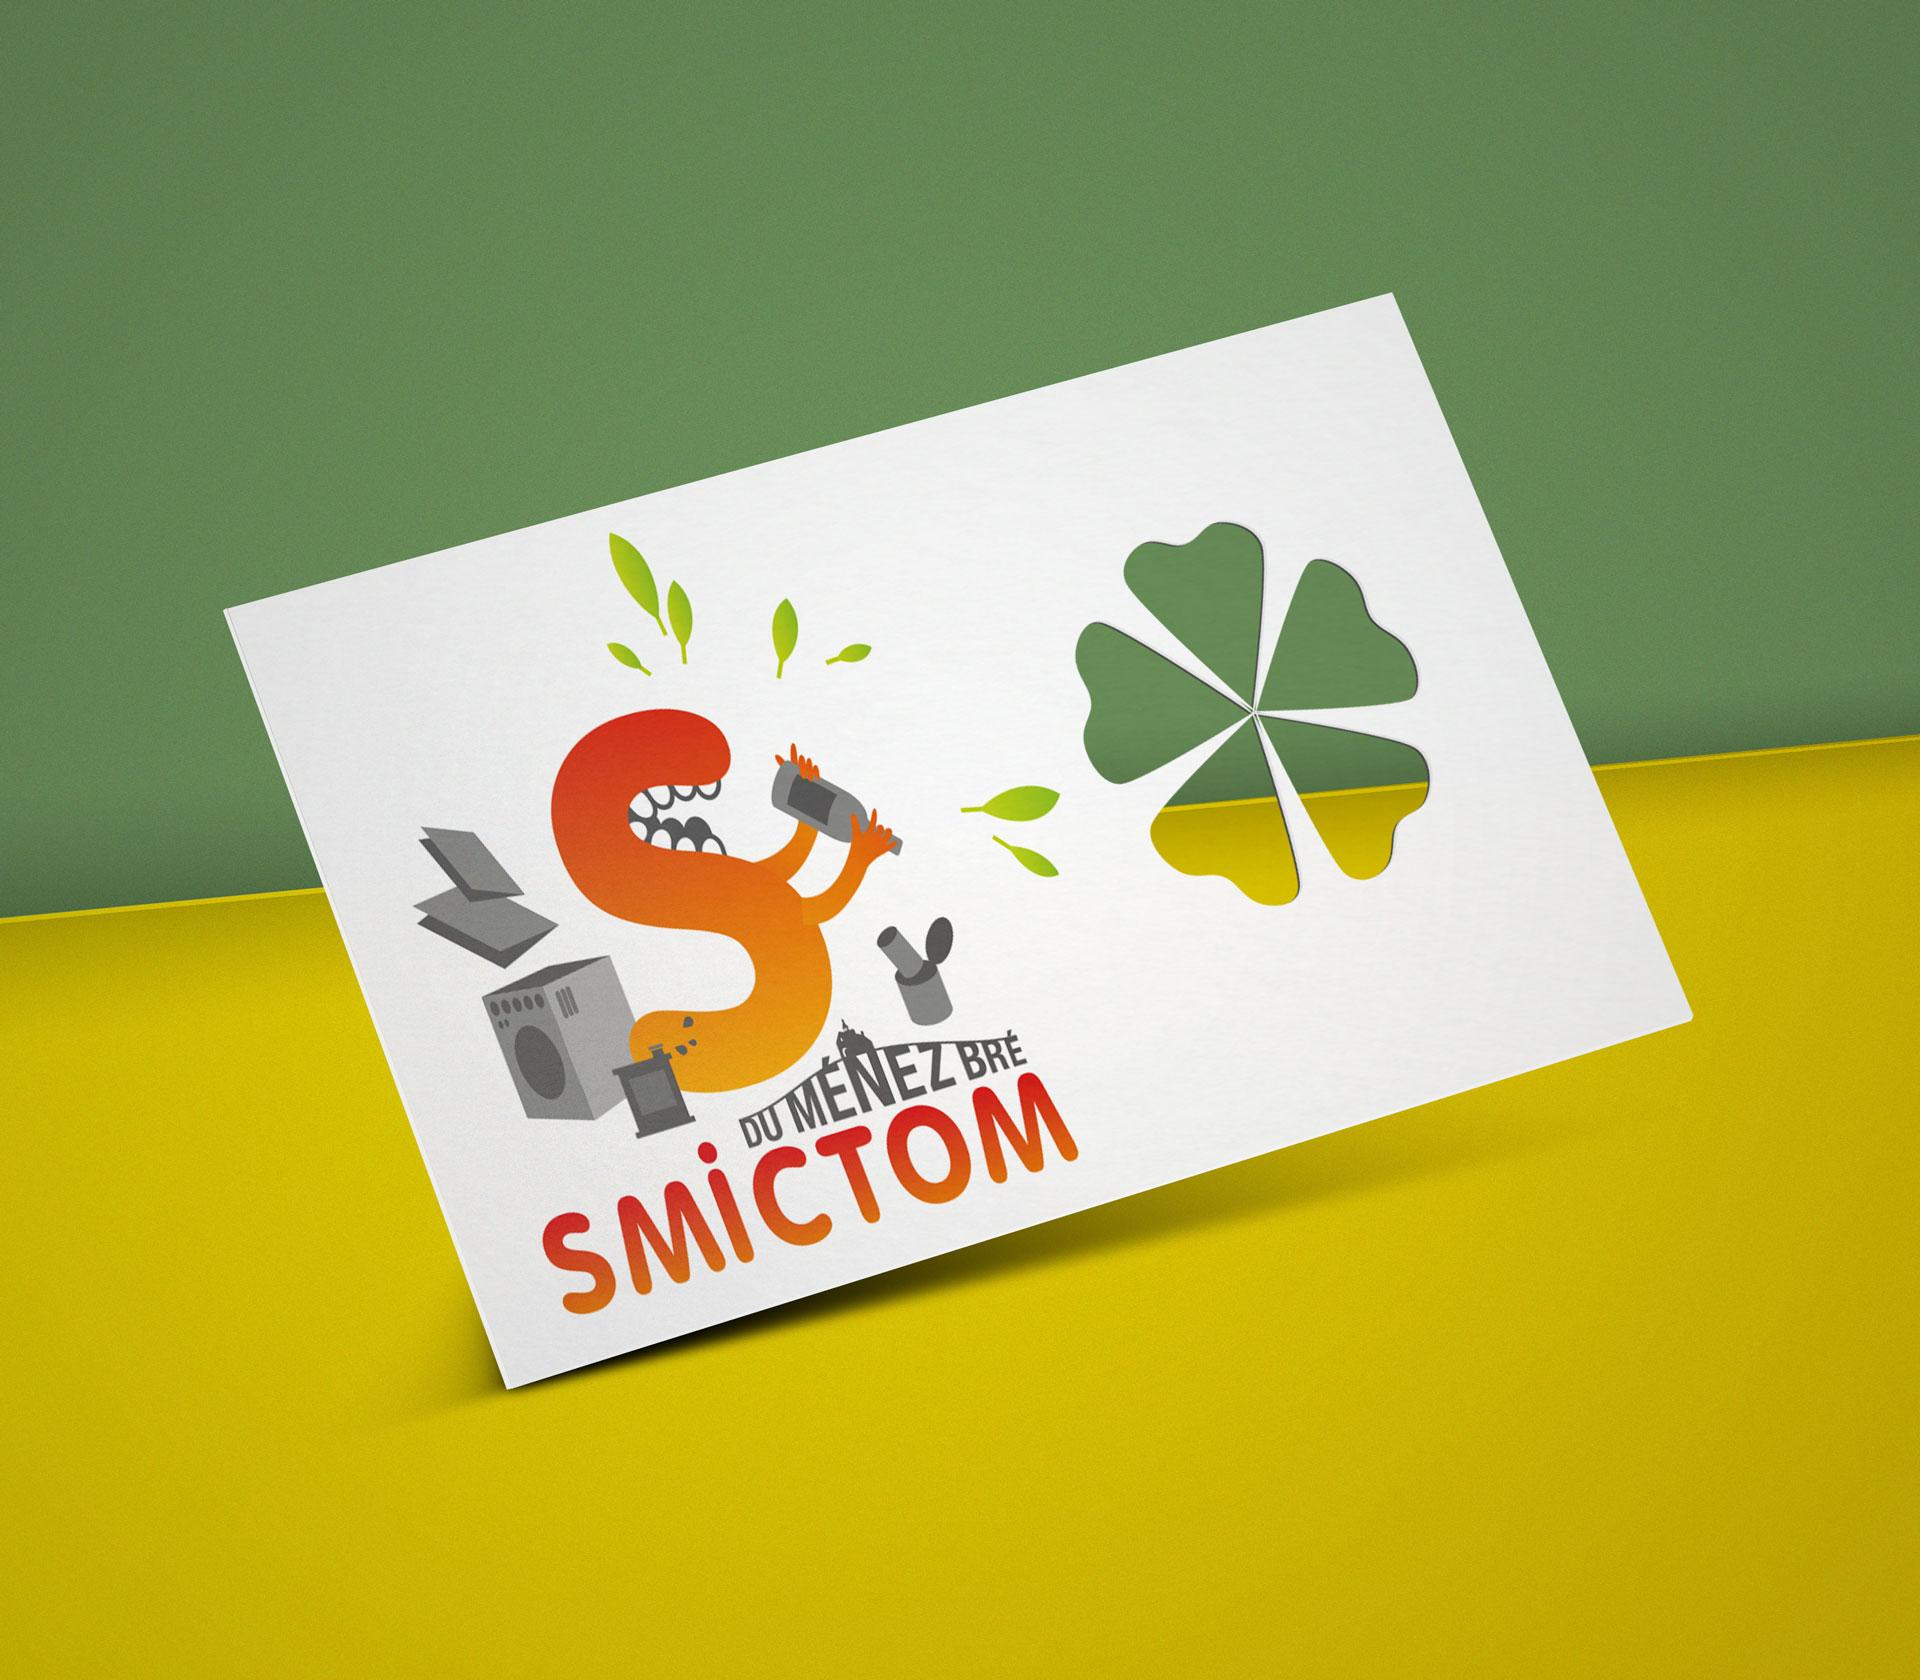 logo-smictom-mene-bre-coqueliko